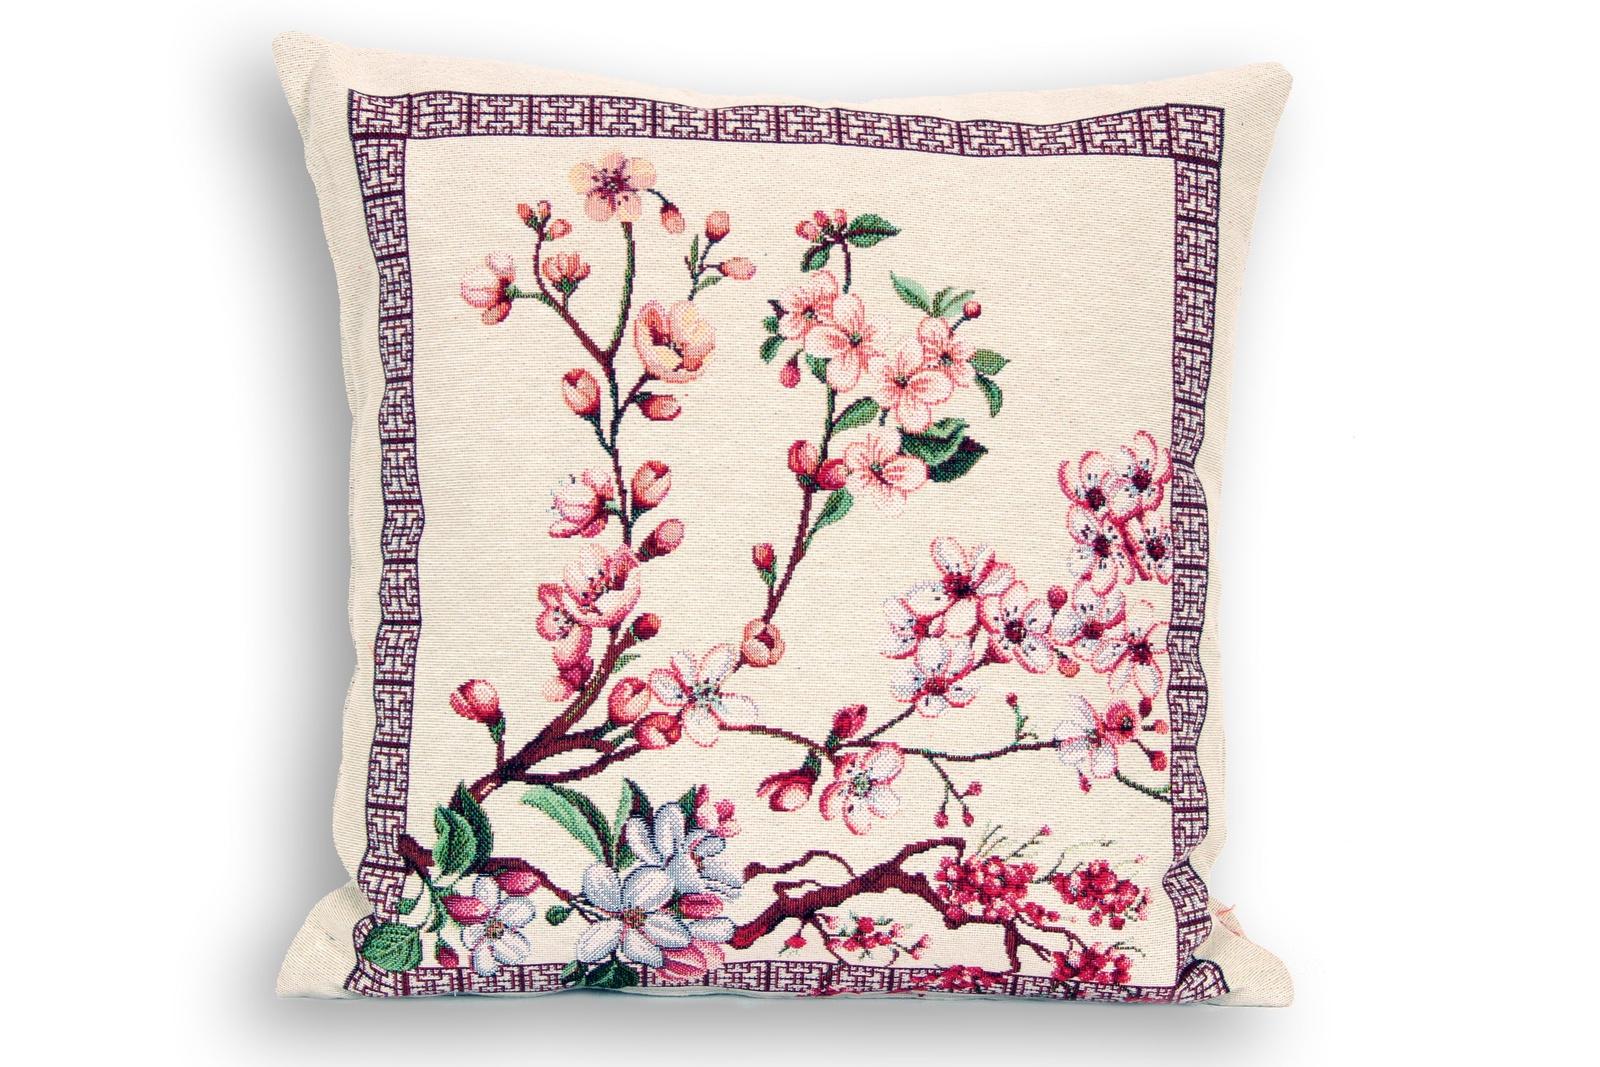 Подушка декоративная Магазин гобеленов сакура 45*45 см диванная подушка getuback emoji si020